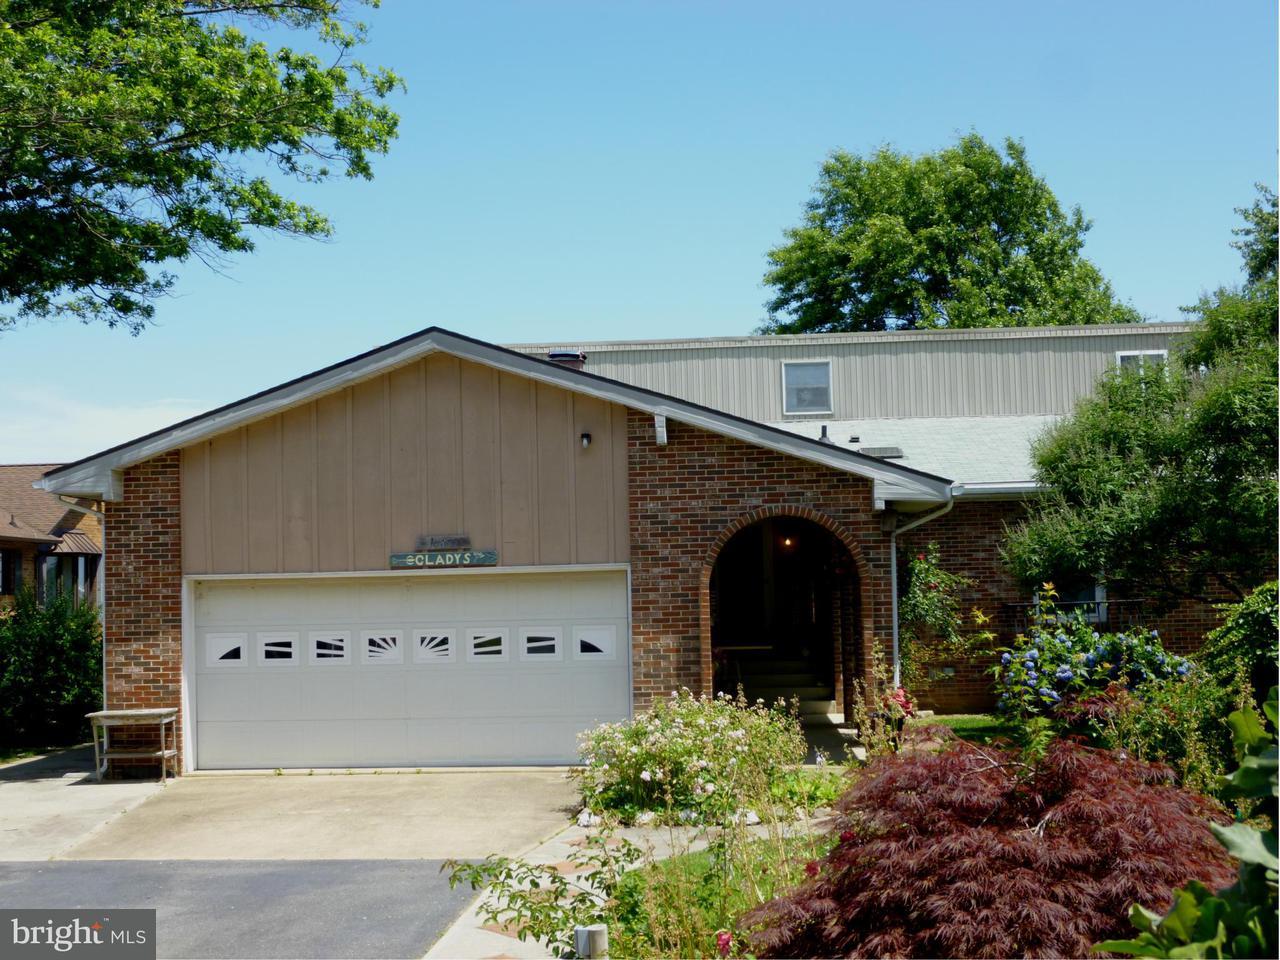 獨棟家庭住宅 為 出售 在 14855 Patuxent Avenue 14855 Patuxent Avenue Solomons, 馬里蘭州 20688 美國